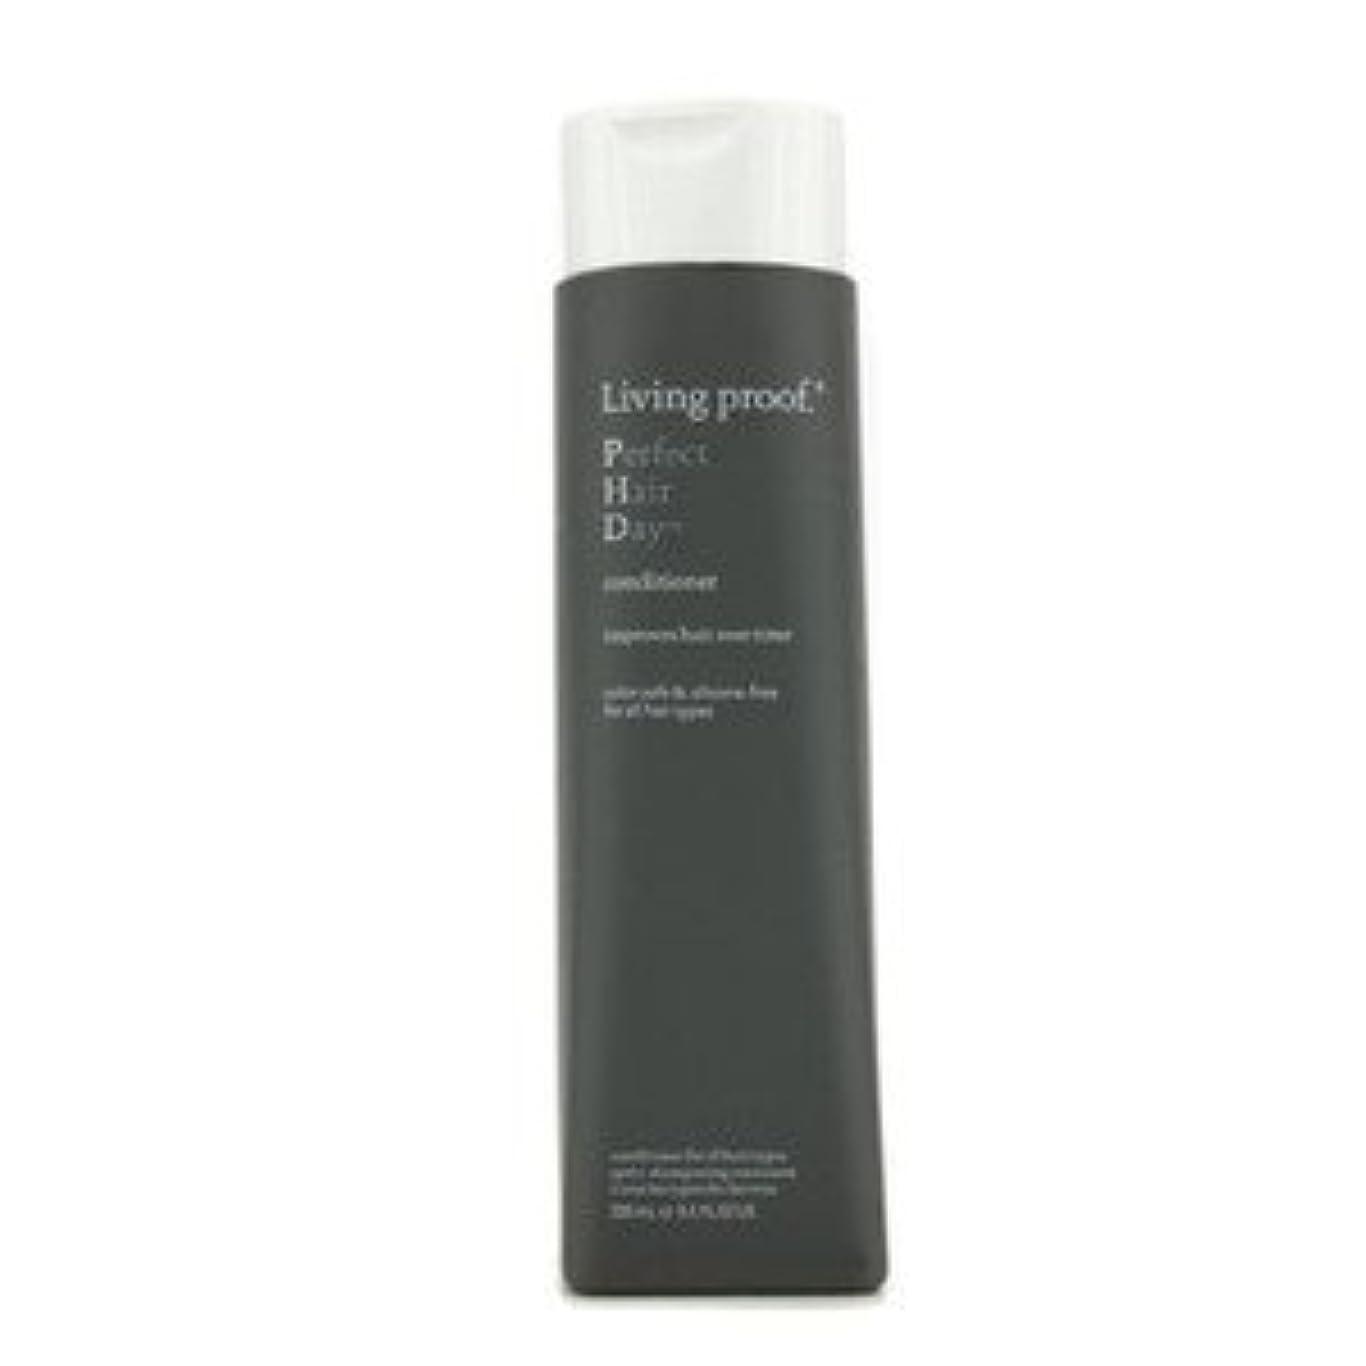 完全に乾く圧倒的戦略Living Proof パーフェクト ヘア デイ コンディショナー(For All Hair Types) 236ml/8oz [並行輸入品]